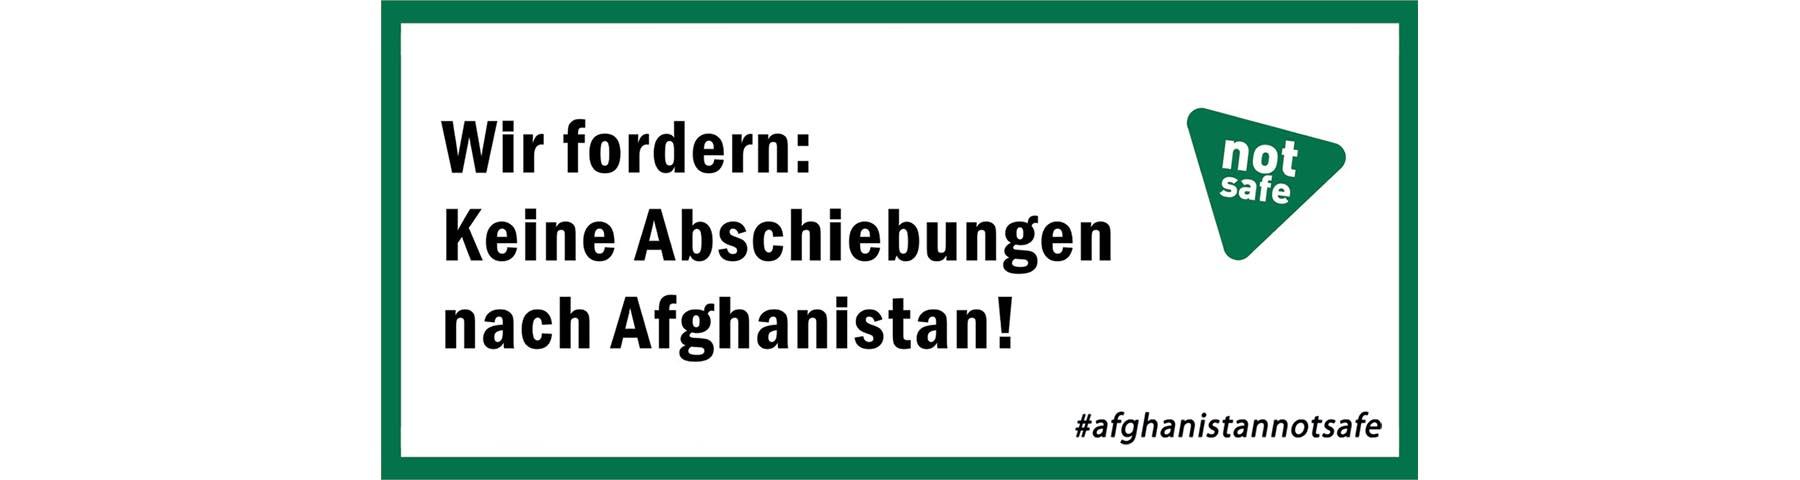 Keine Abschiebungen nach Afghanistan!